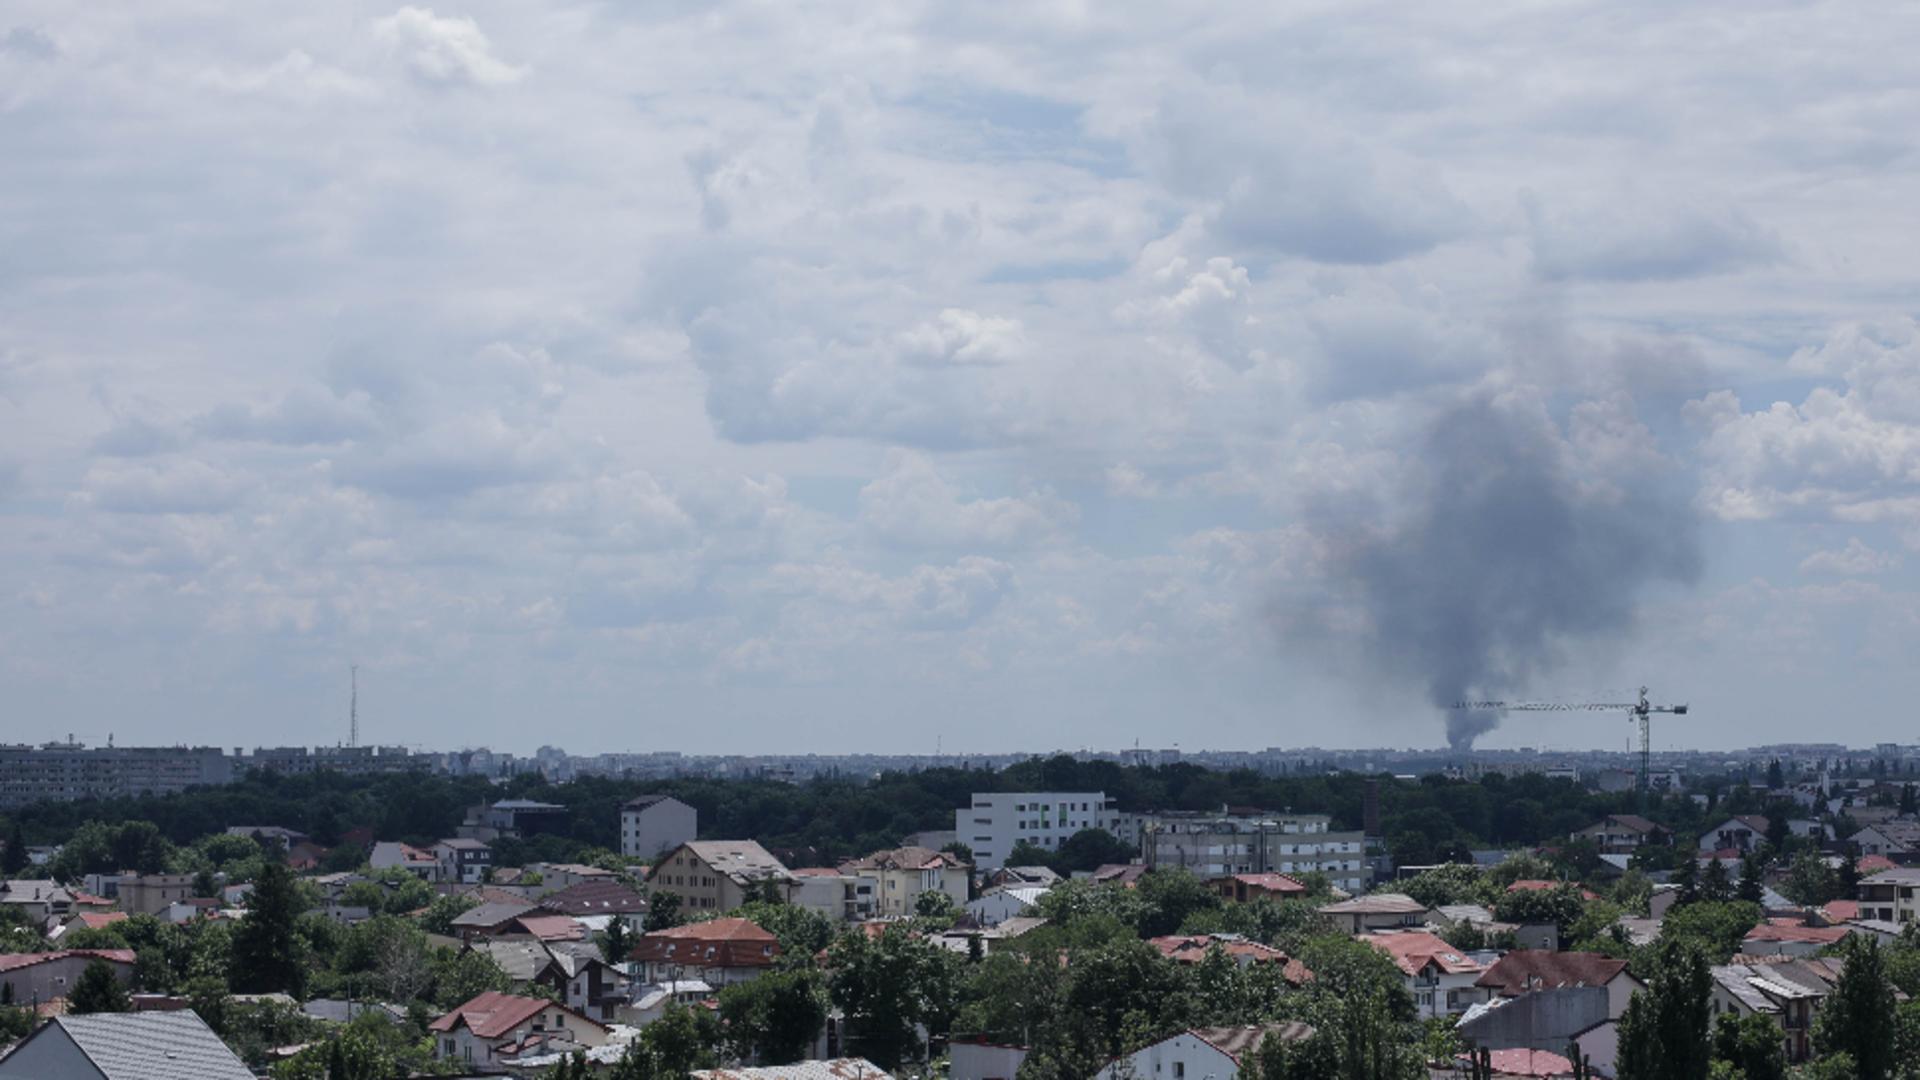 Fum gros din cauza incendiului de la depozitul de mașini vechi din Militari Foto: INQUAM/Octav Ganea și Facebook